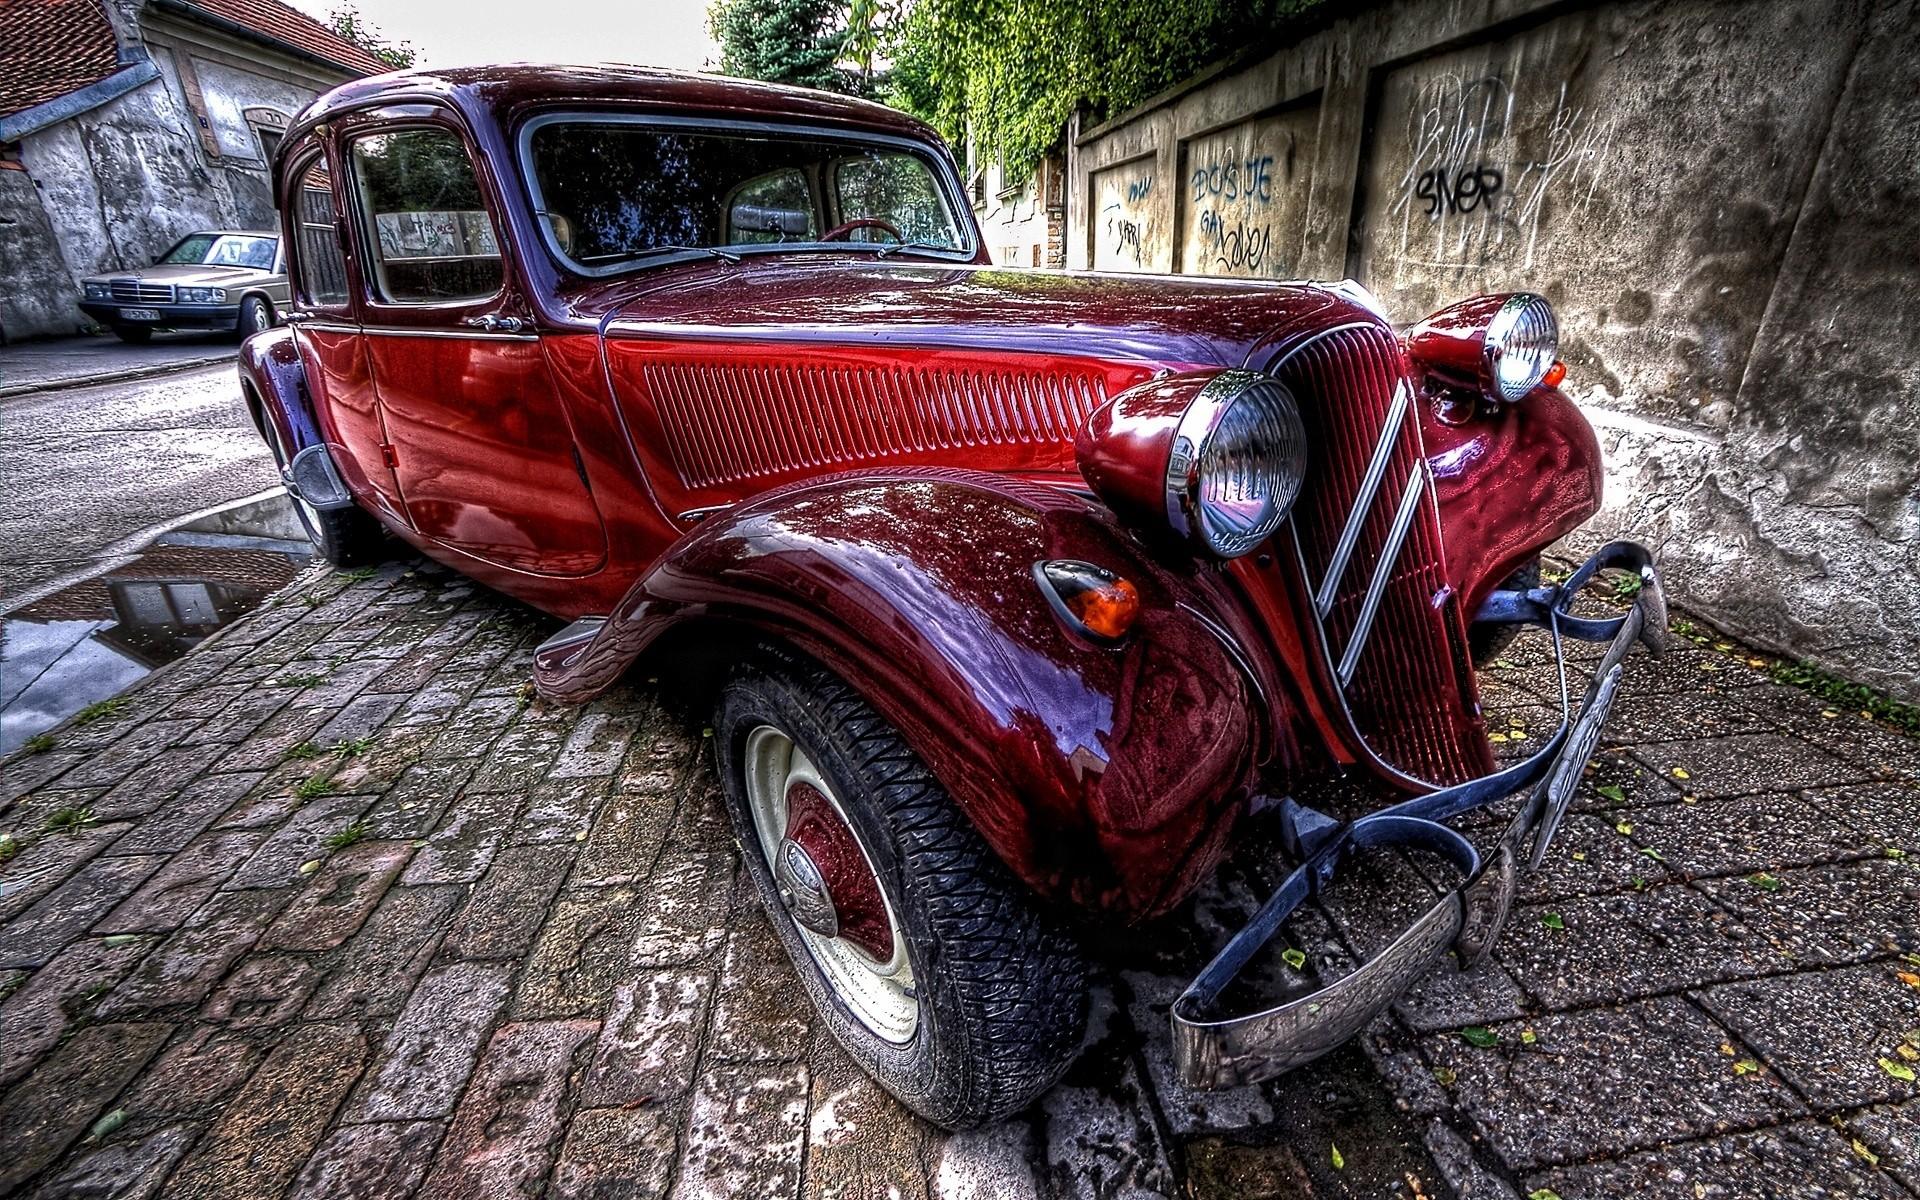 апина снова картинки старинных автомобилей с большим разрешением втулке